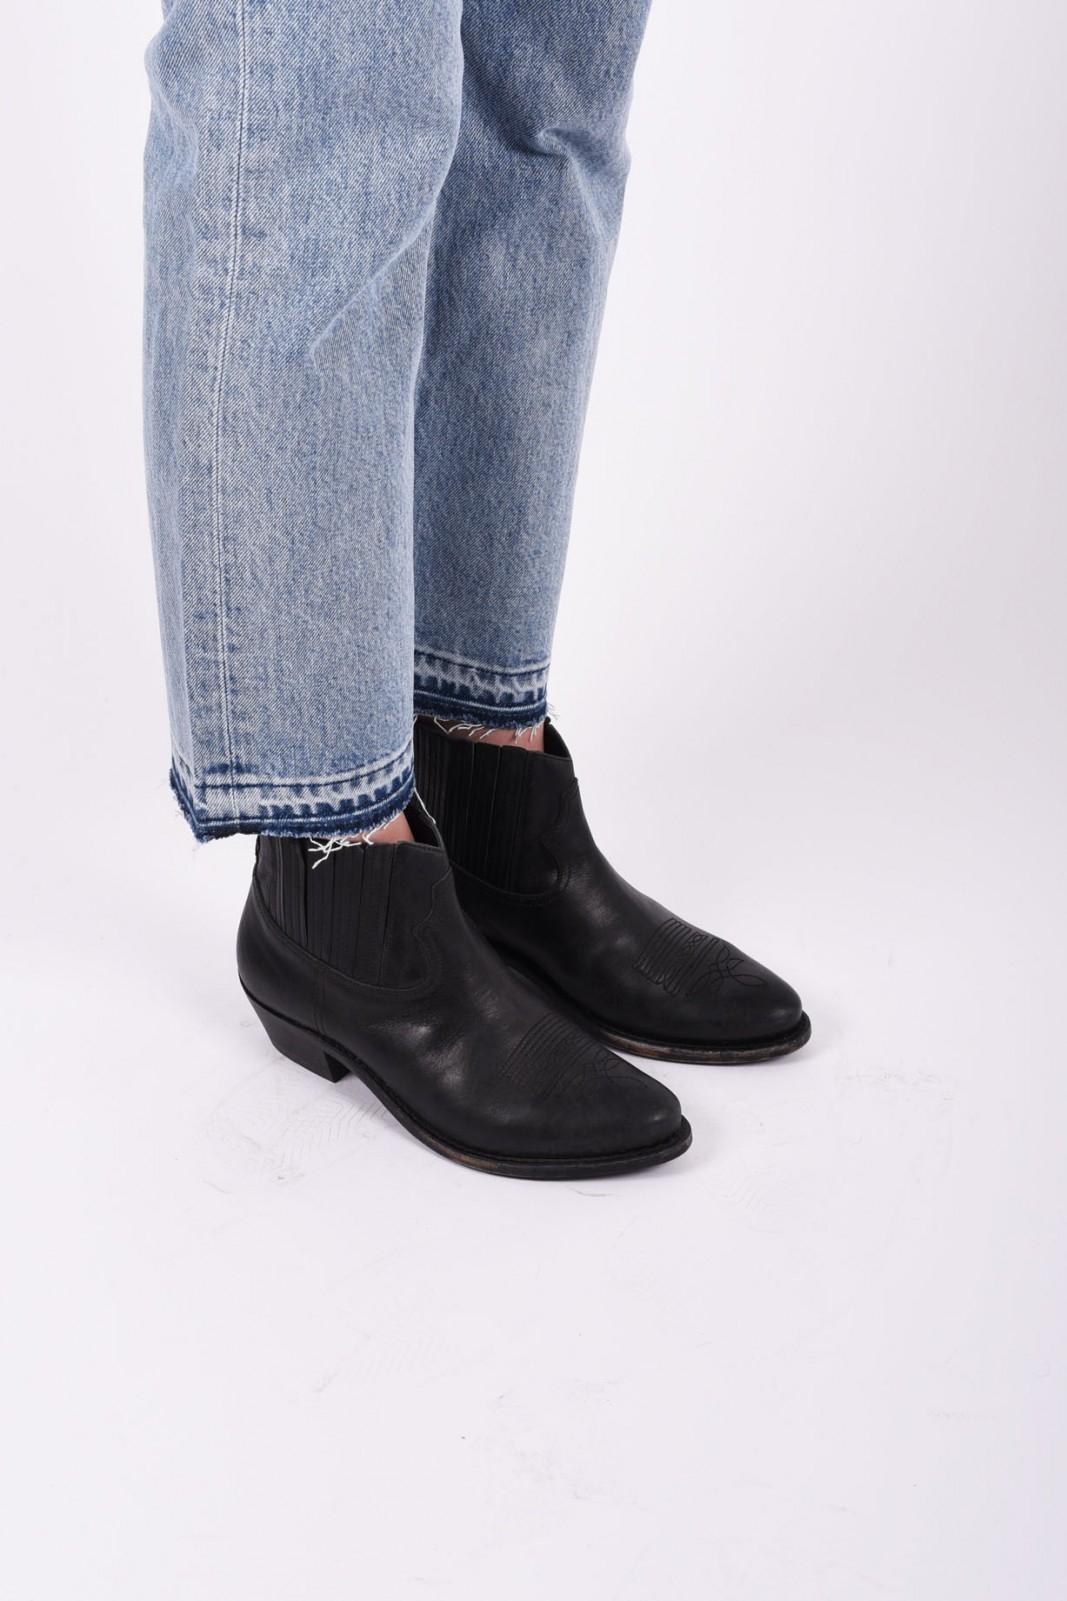 GOLDEN GOOSE DELUXE BRAND slip-on ankle boot